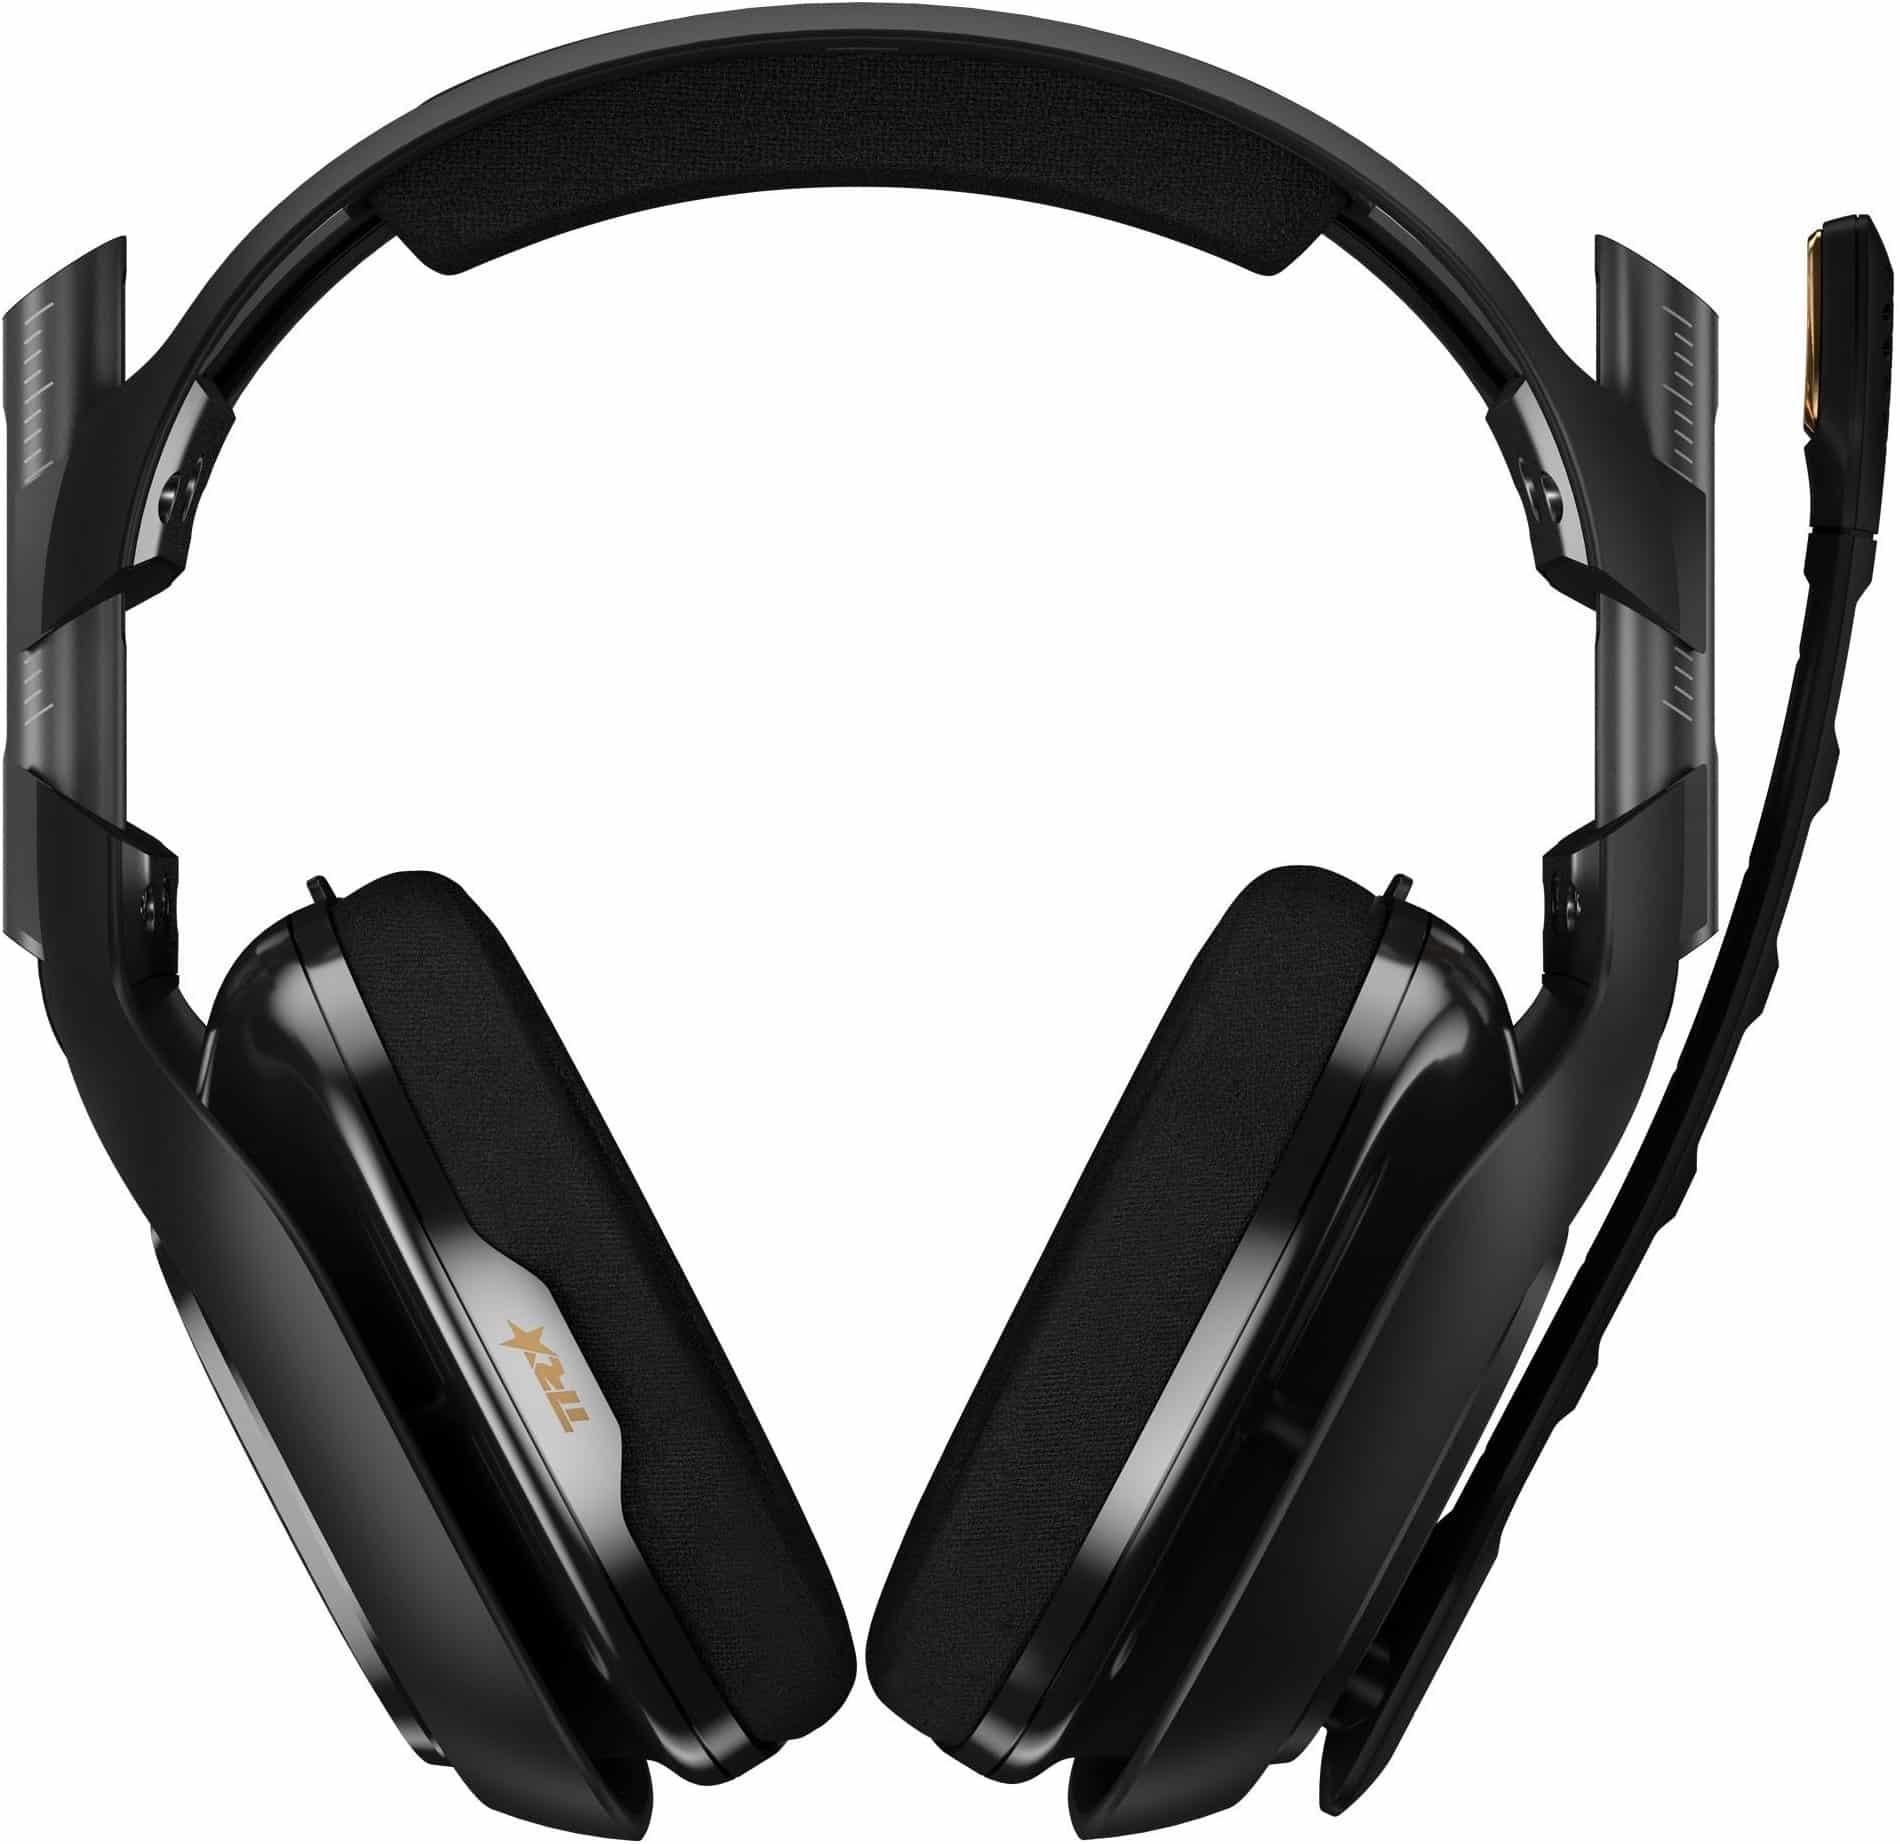 Fone De Ouvido Para Jogos Astro Gaming A40 Tr - Preto - Xbox